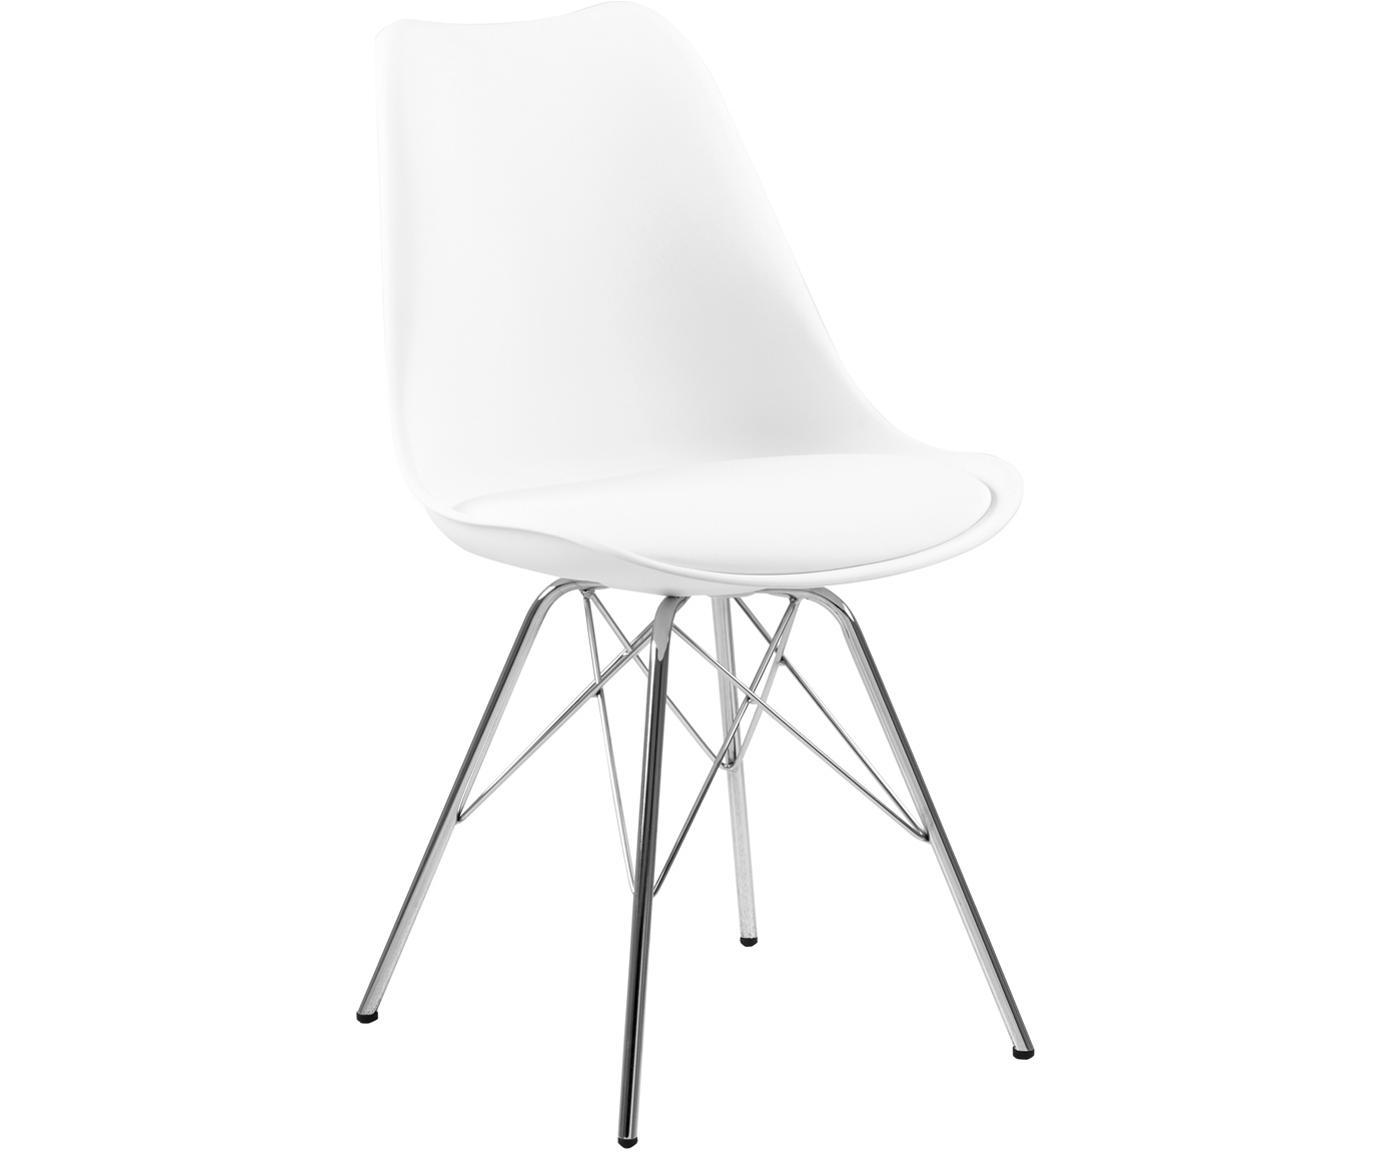 Kunststoffen stoelen Eris, 2 stuks, Zitvlak: kunststof, Zitvlak: kunstleer, Poten: verchroomd metaal, Wit, chroomkleurig, B 54 x D 49 cm